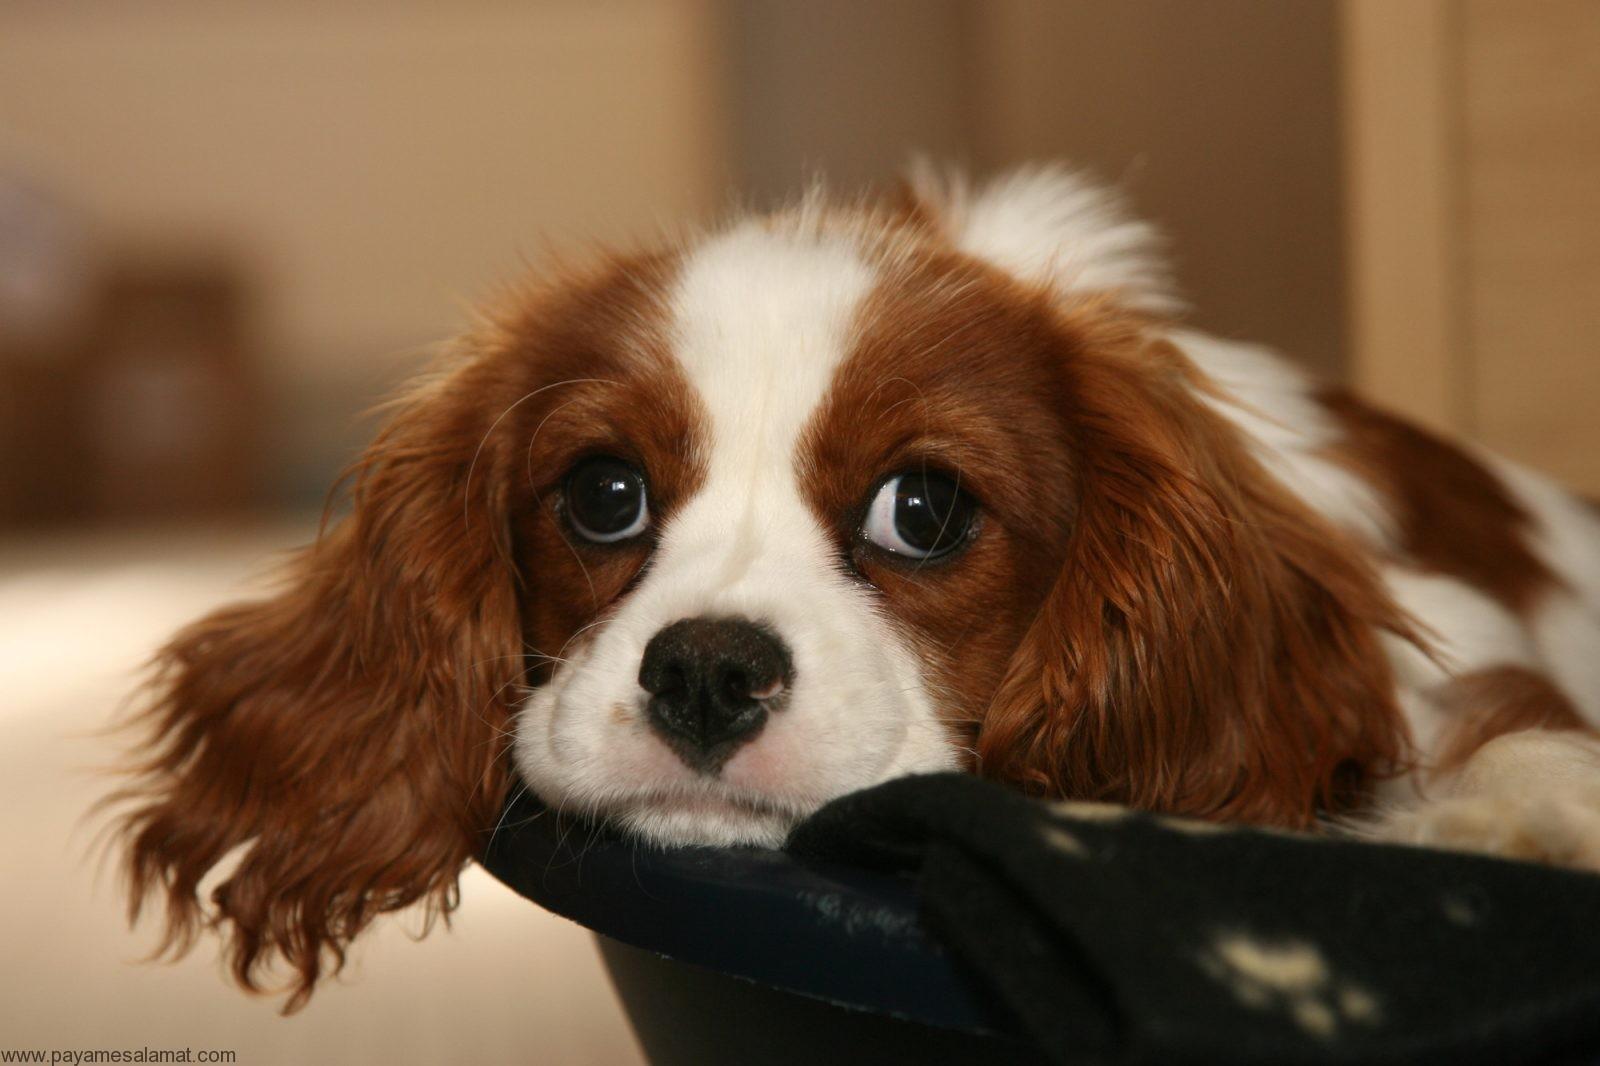 پلی سیتمی ورا در سگ ها ؛ علائم، علل، روش های تشخیص و روش های درمان